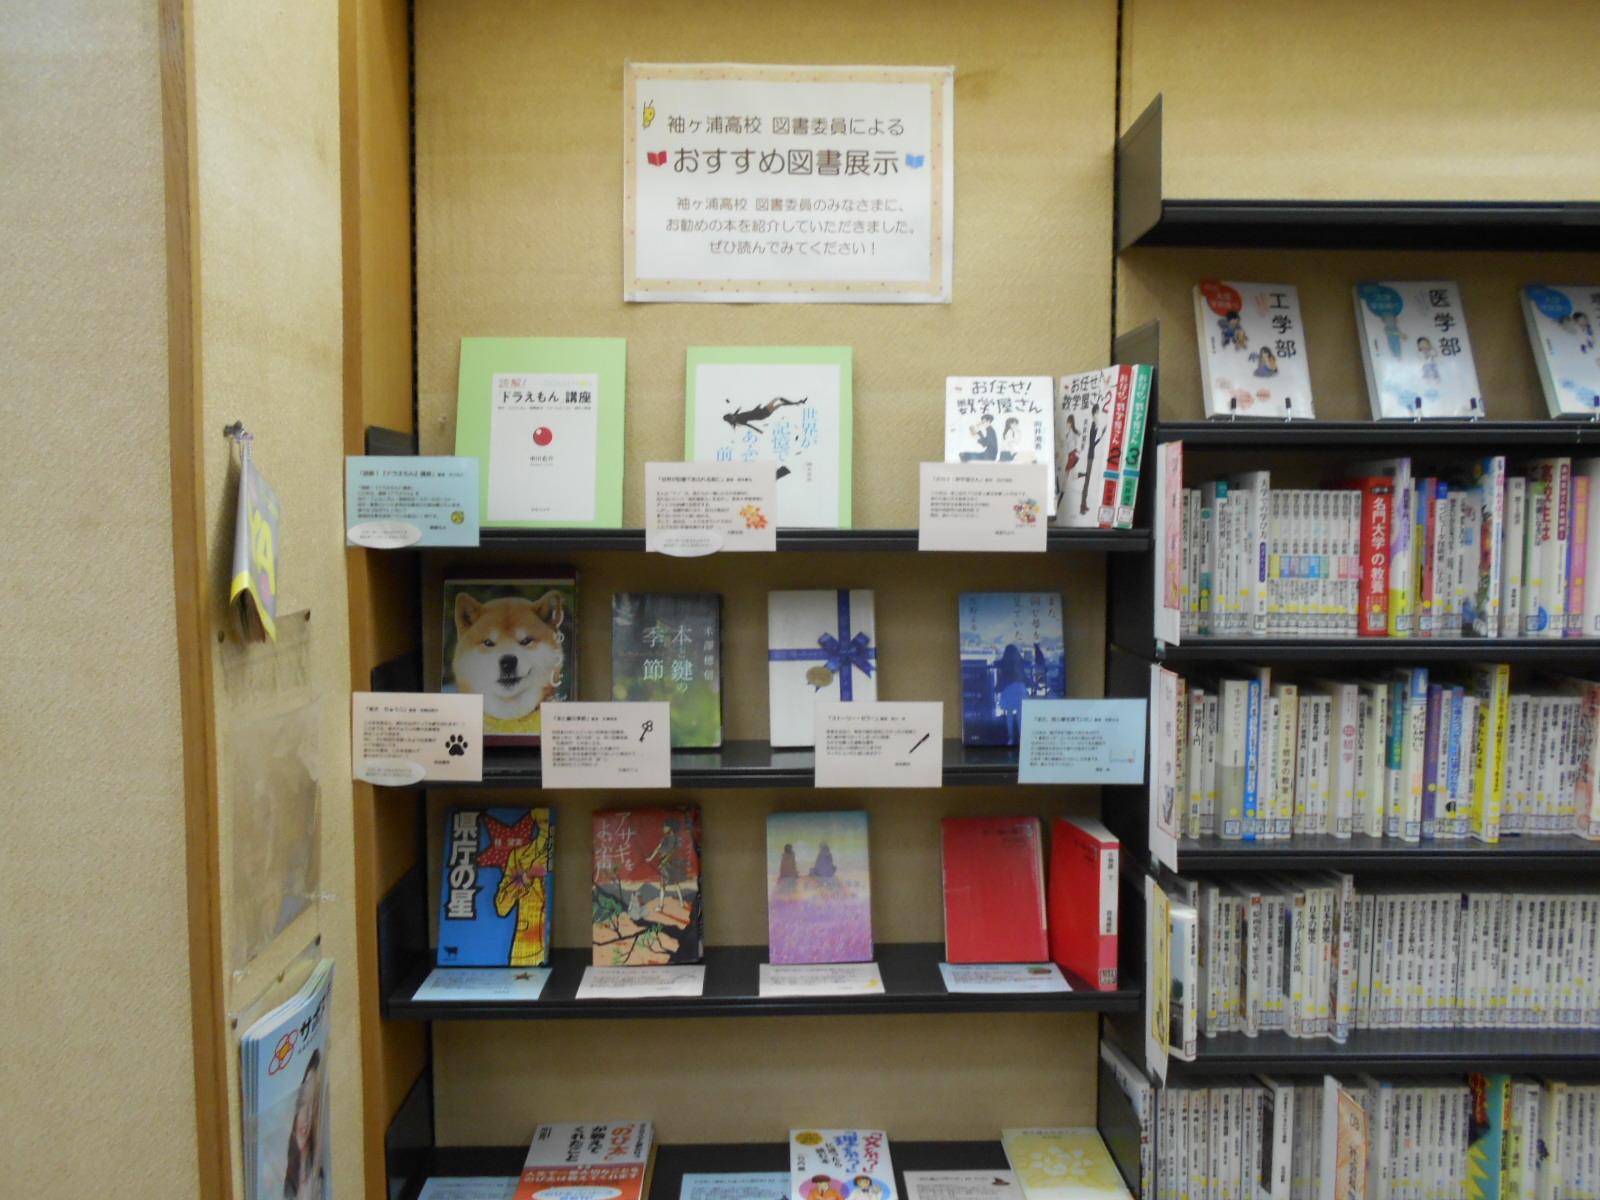 おすすめの本を紹介する展示の写真(袖高令和元年度)